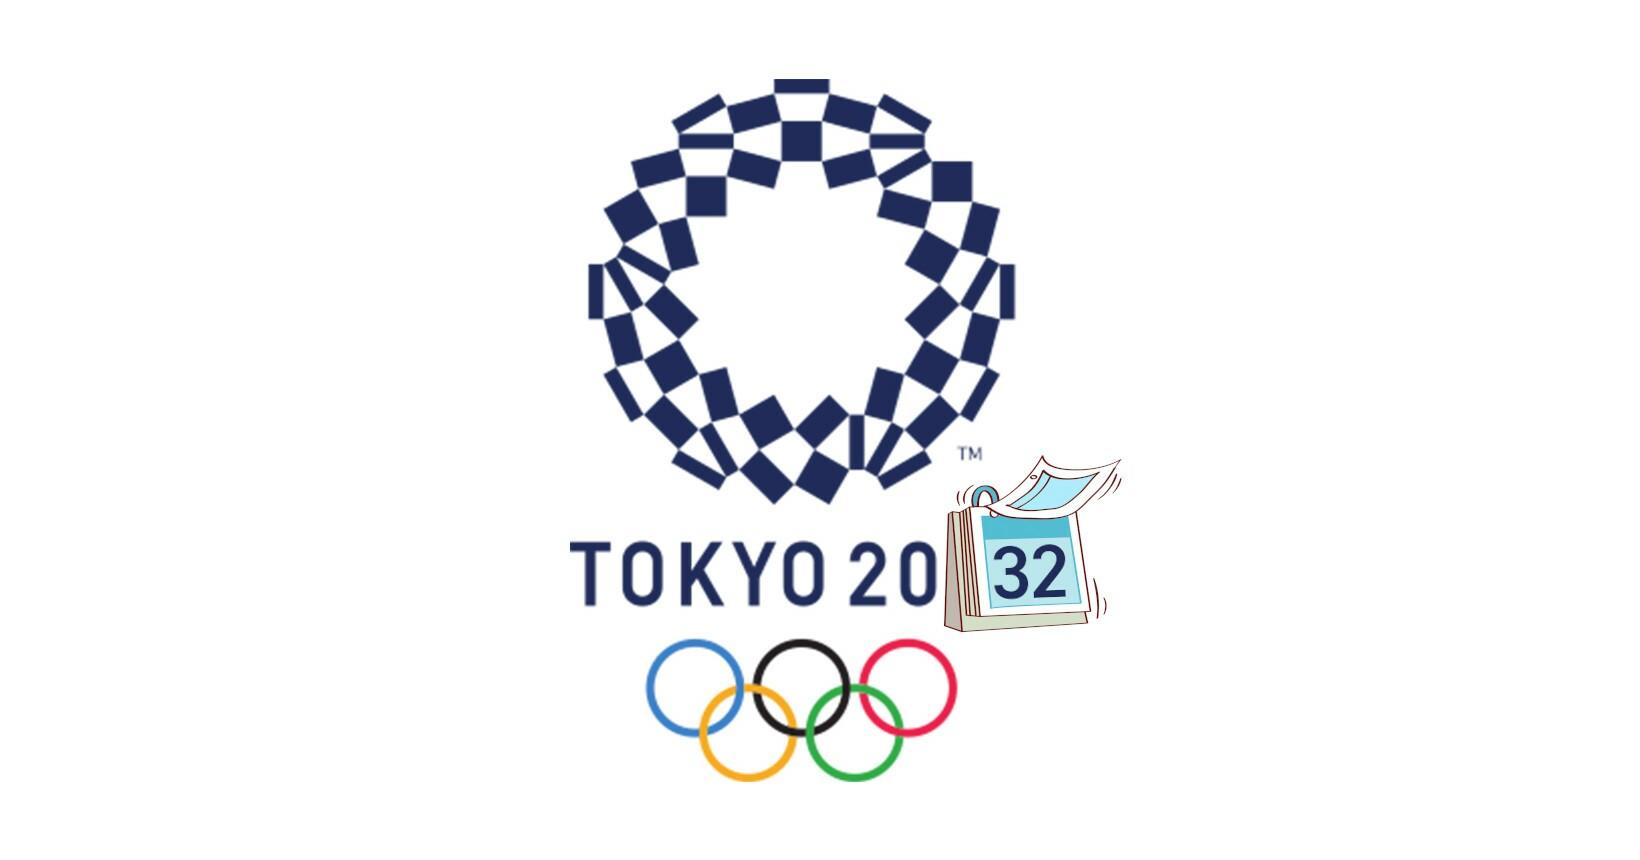 Japón considera posponer los Juegos Olímpicos de Tokio hasta 2032